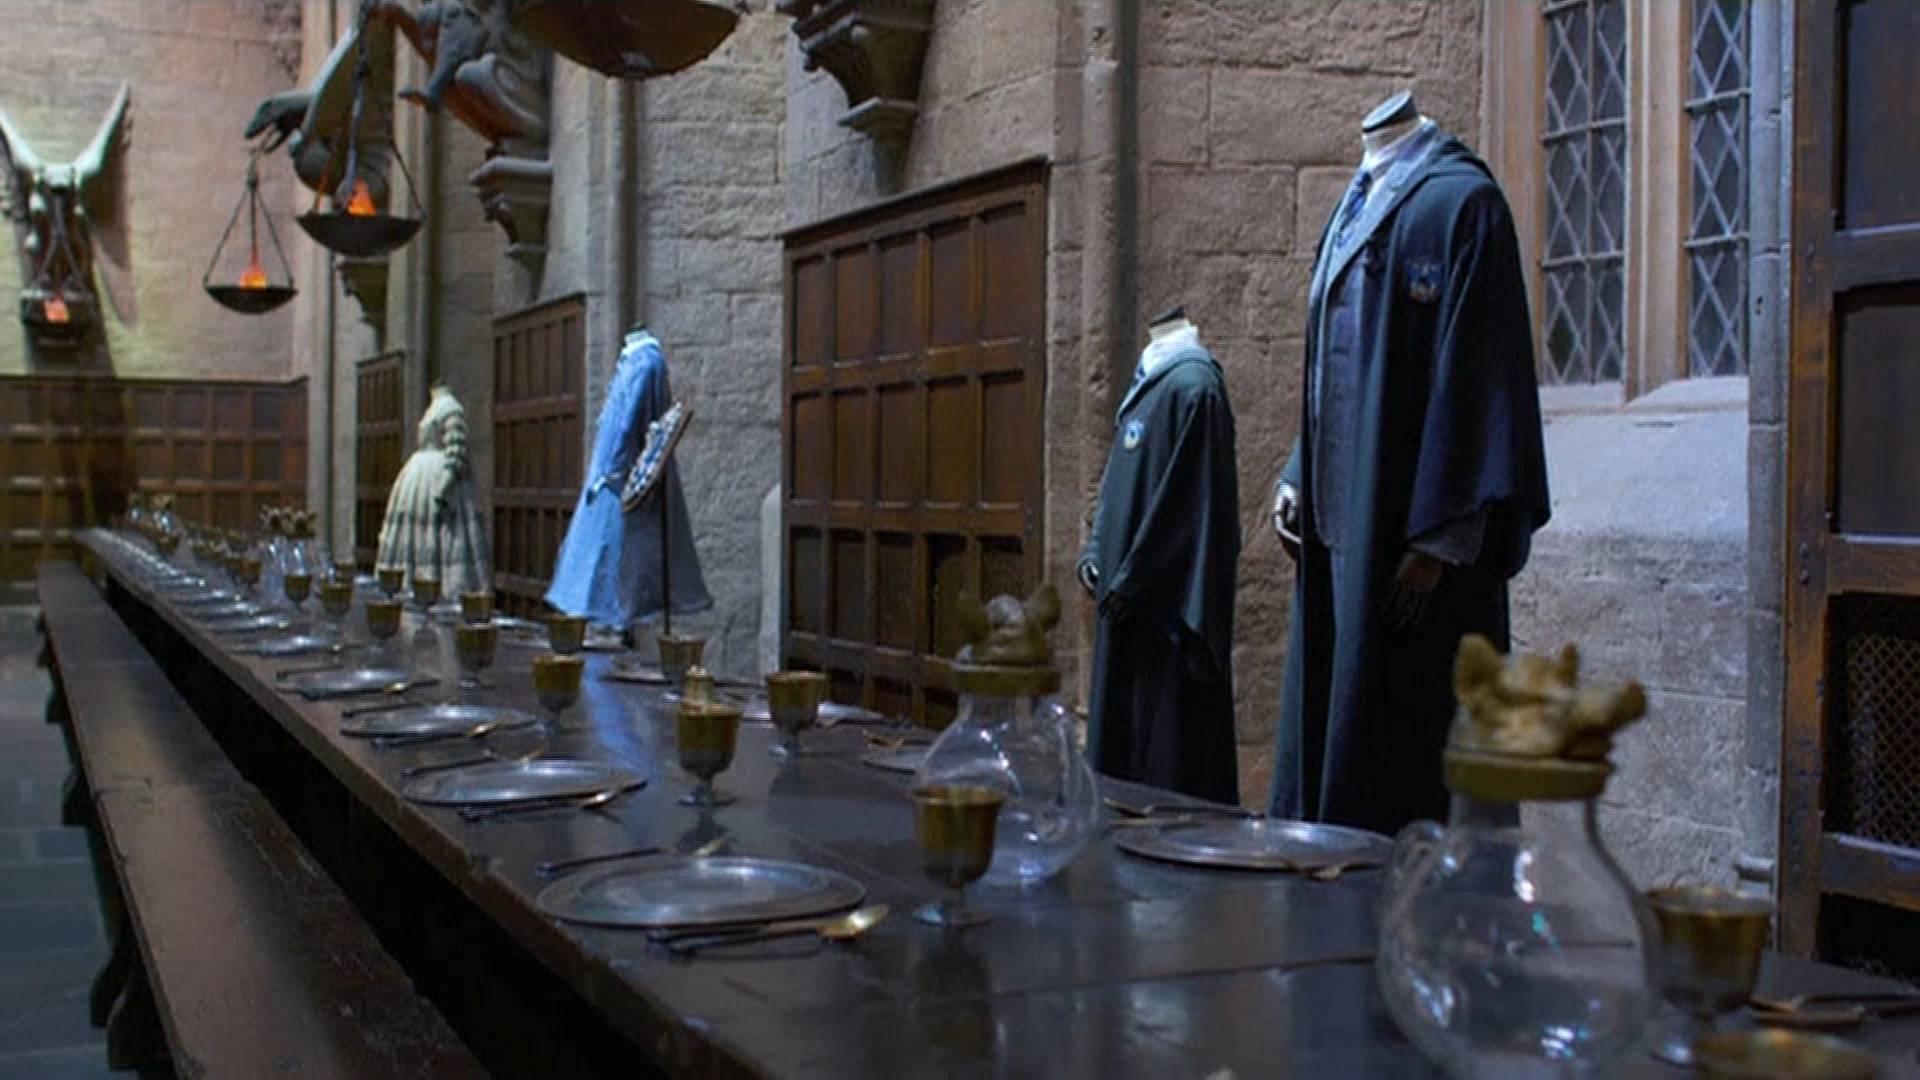 英国《哈利·波特》摄影棚重新开放 魔法之旅再启程